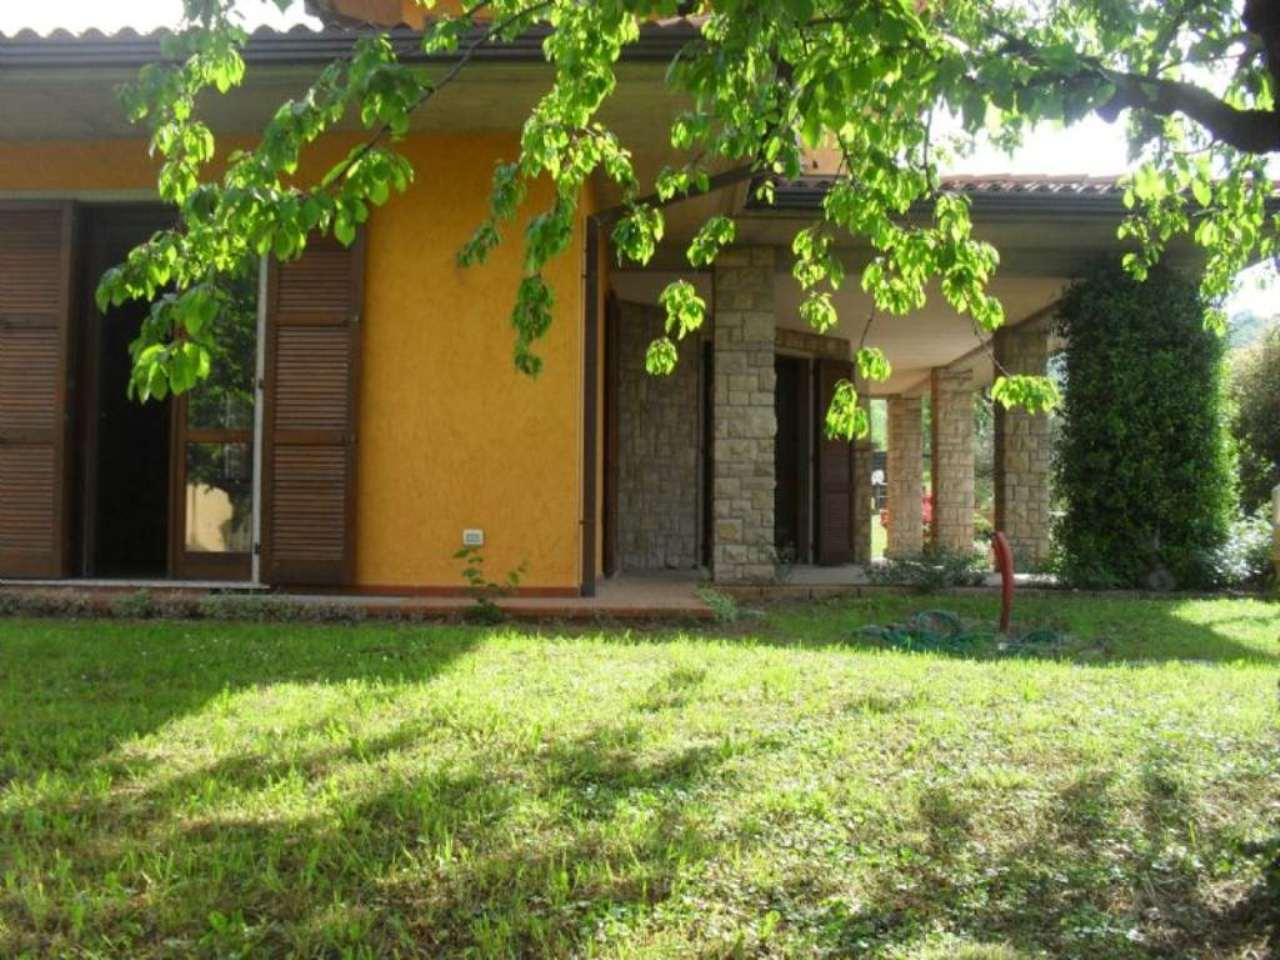 Villa in vendita a Gavardo, 9999 locali, prezzo € 375.000 | Cambio Casa.it